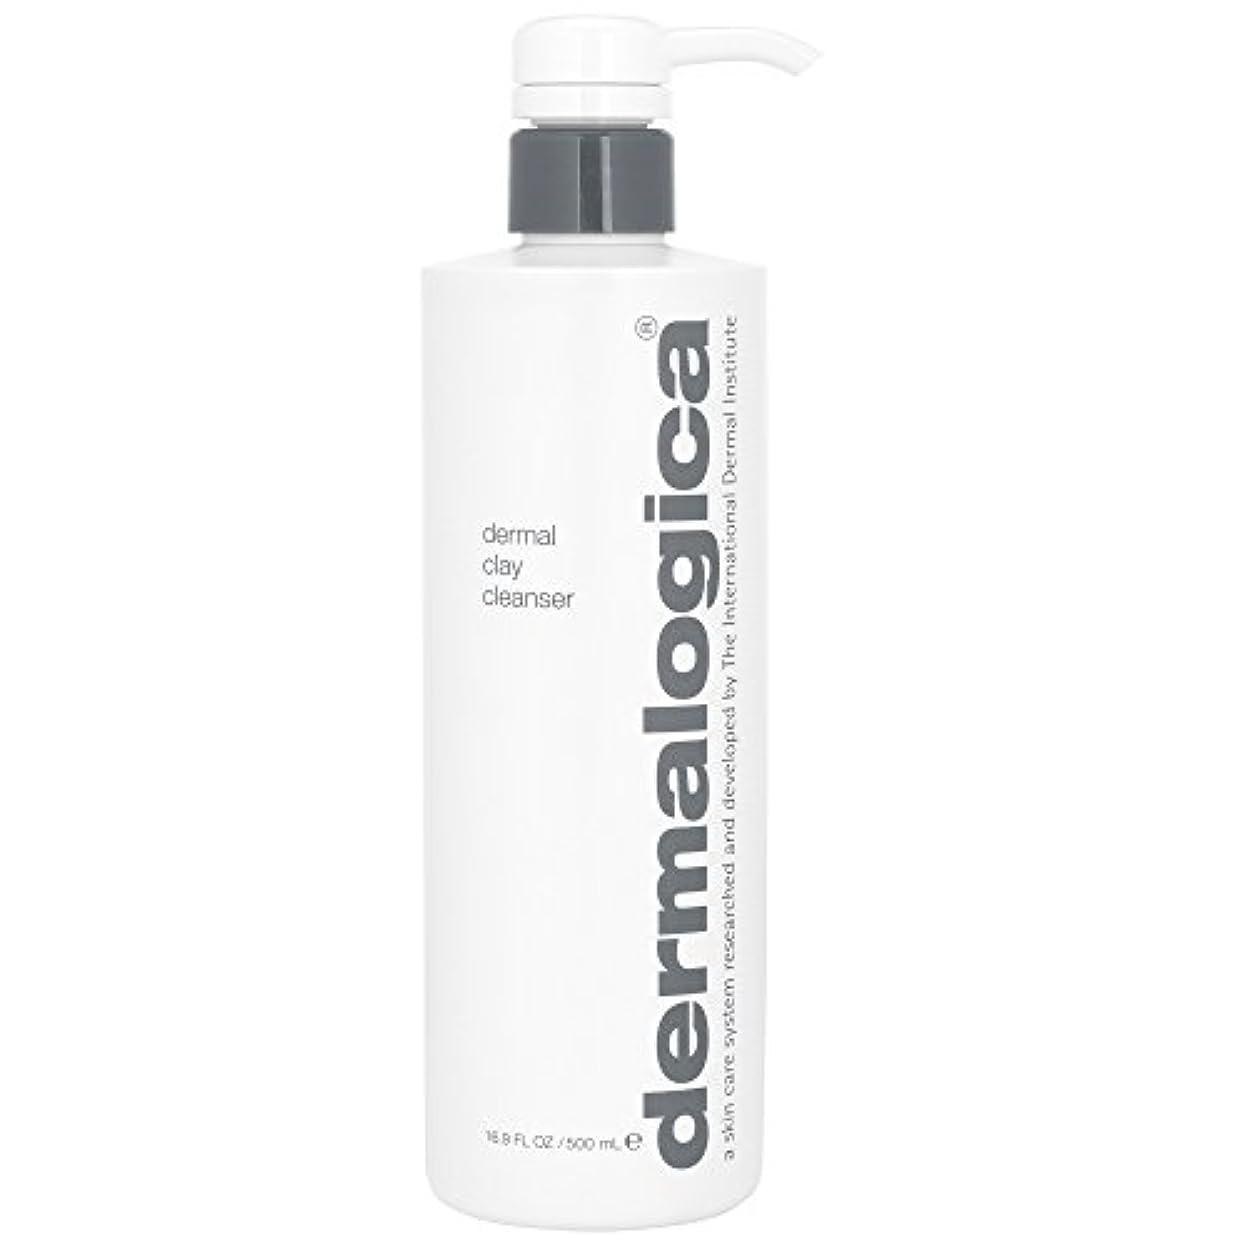 リストスクラップブックバンケットダーマロジカ真皮クレイクレンザー500ミリリットル (Dermalogica) (x6) - Dermalogica Dermal Clay Cleanser 500ml (Pack of 6) [並行輸入品]